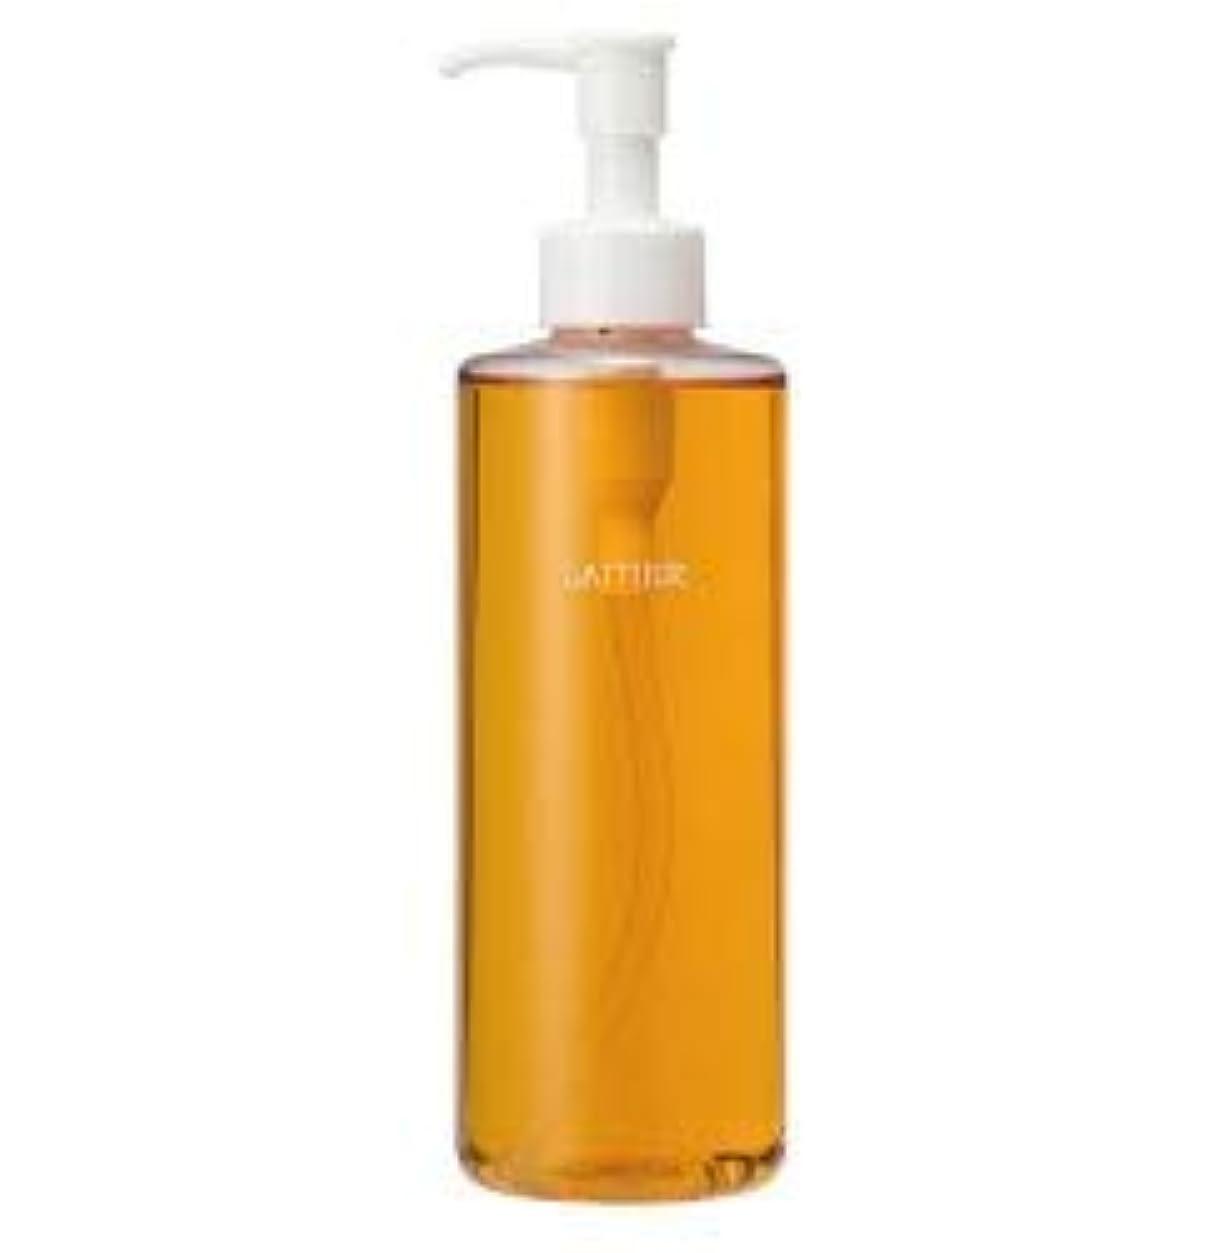 単にレシピ呪いアロエエキスの整肌効果で、透明感のある肌へとみちびきます。LAITIER レチエ スキンローションA 300ml 化粧品 メイク 化粧水 肌 綺麗